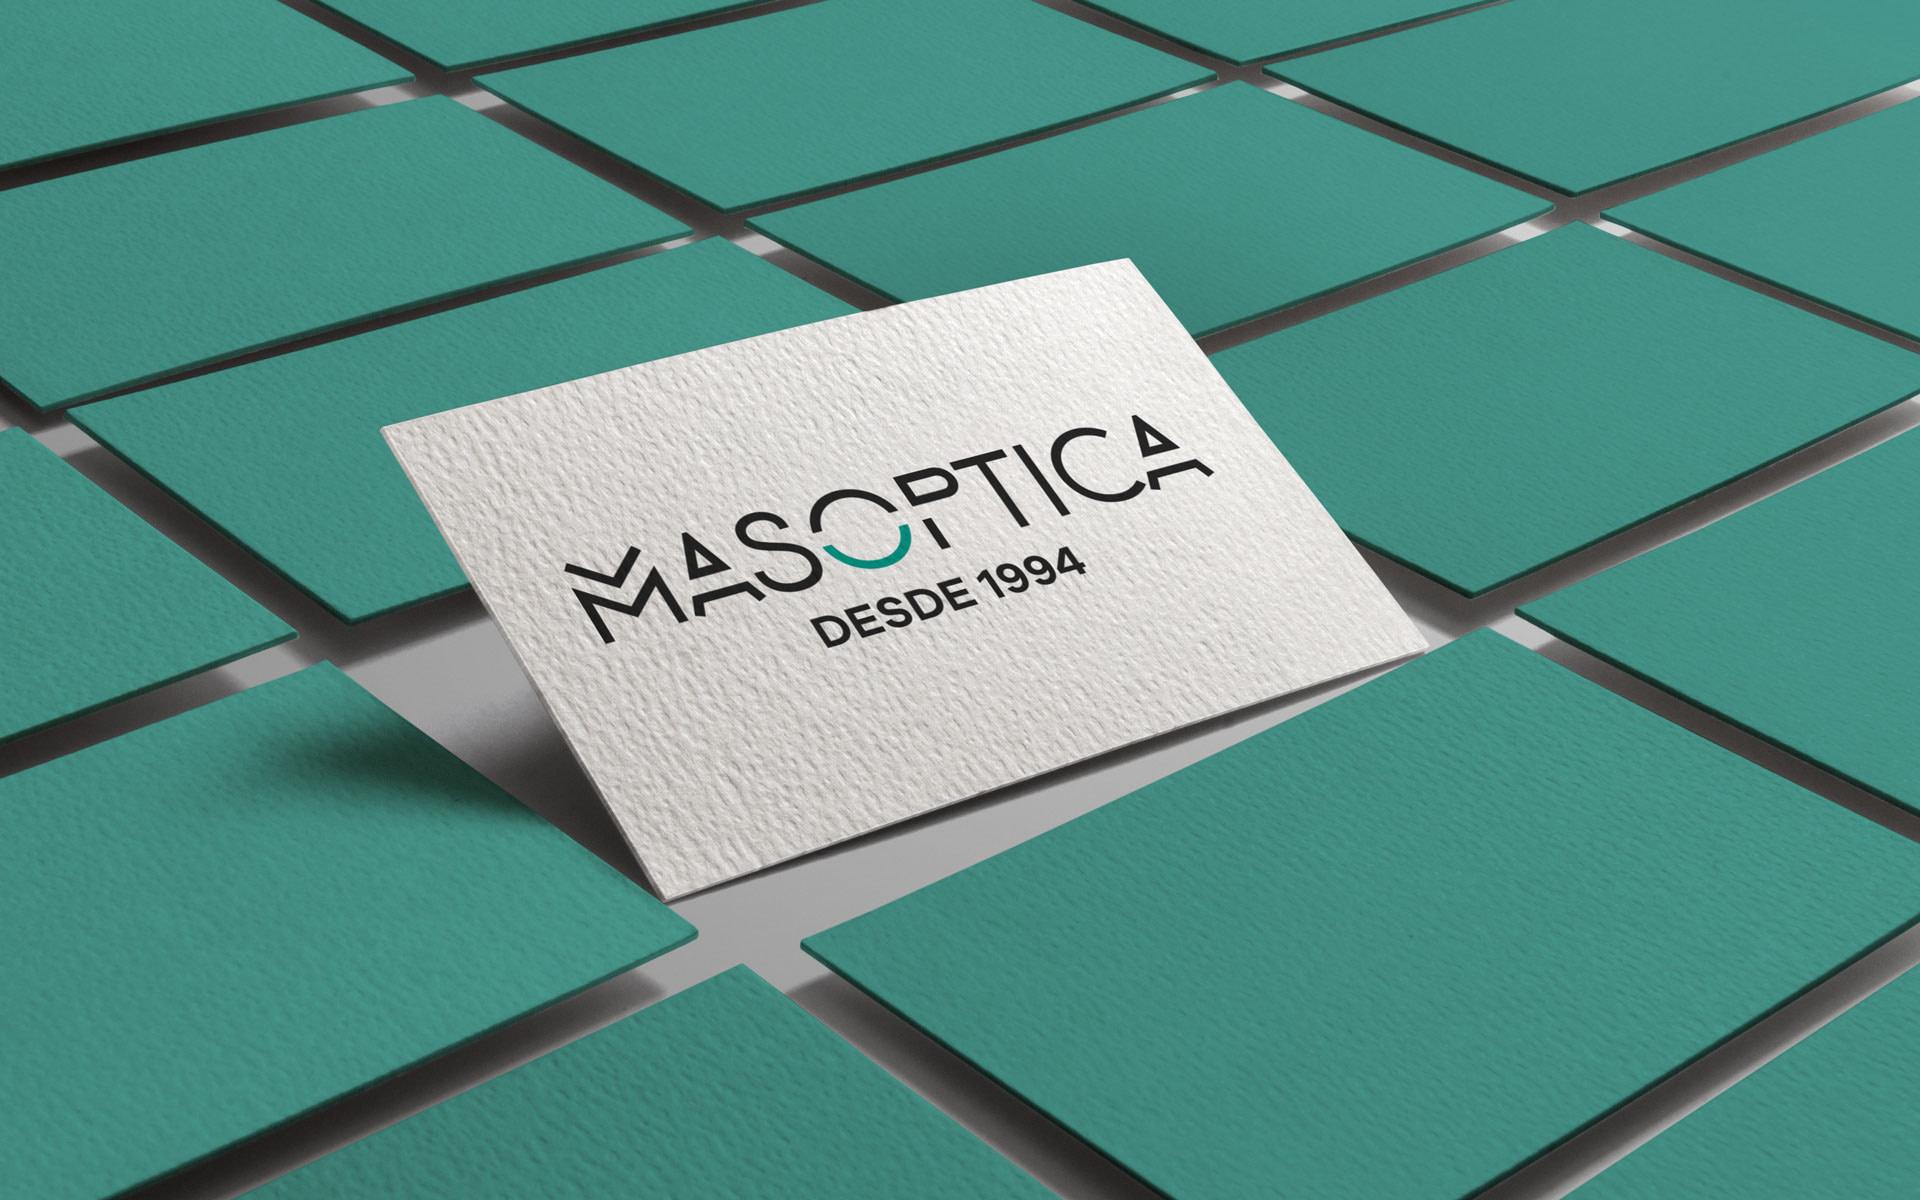 Logtipo definitivo - Desarrollo de marca - Mas Optica